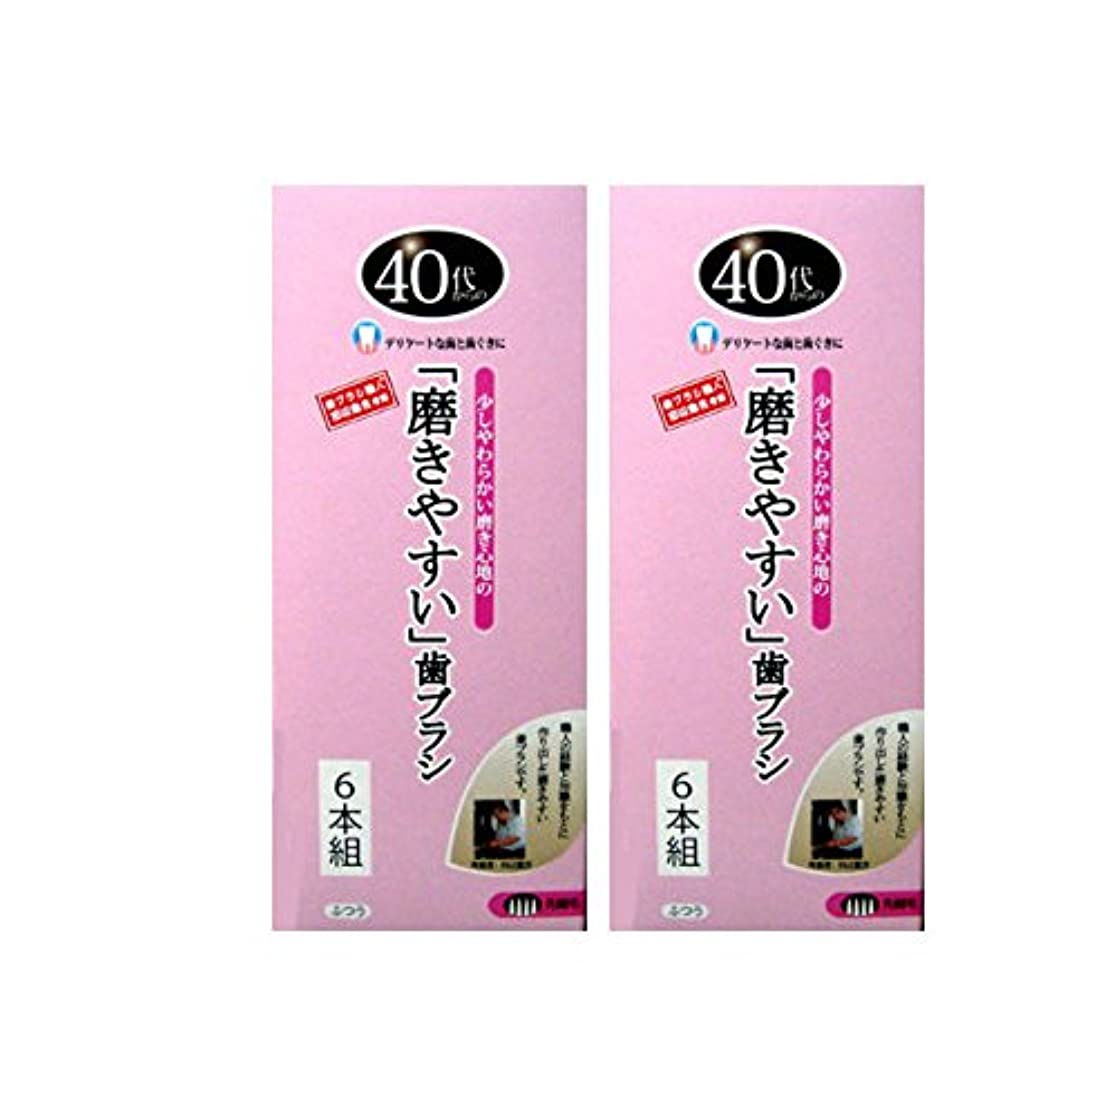 シルクボウルいう40代からの磨きやすい歯ブラシ 先細 6本組×2個セット(計12本)